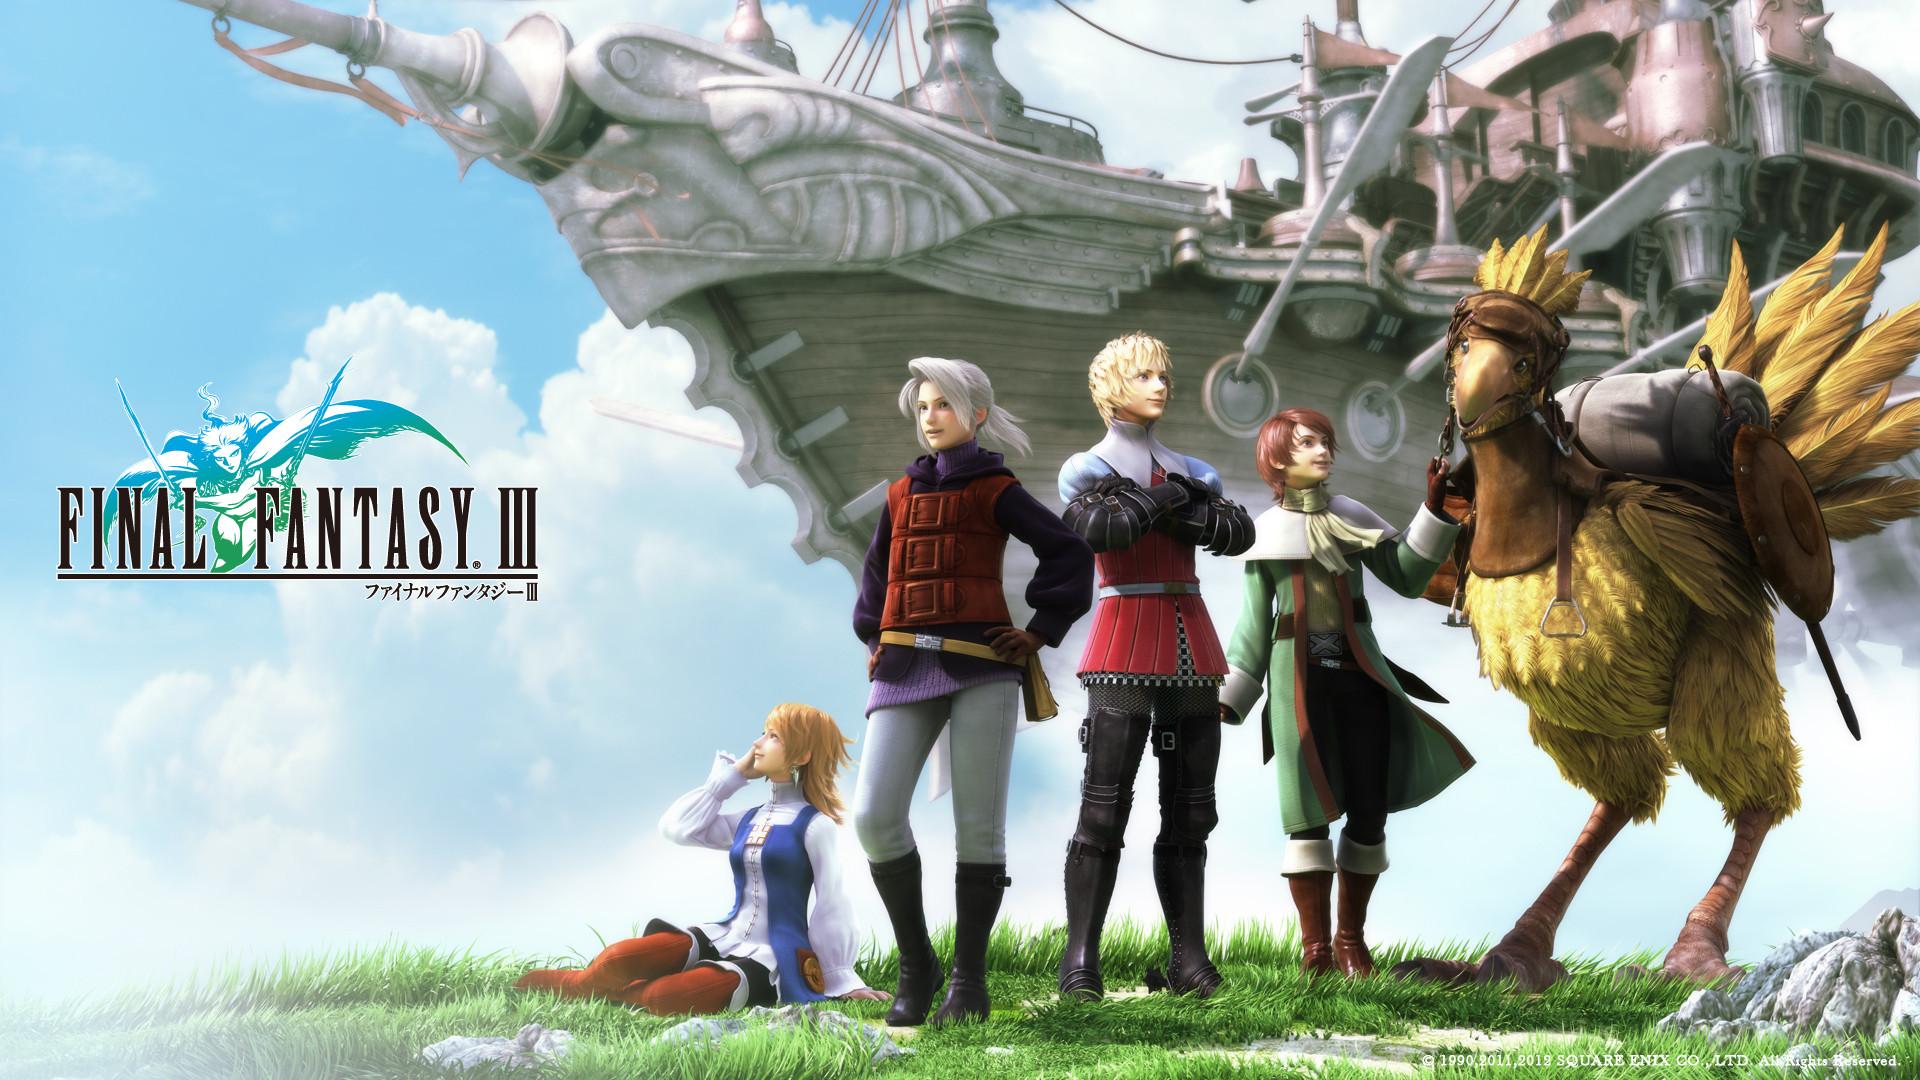 Final Fantasy III, et remix d'»Eternal Wind» par les fans.